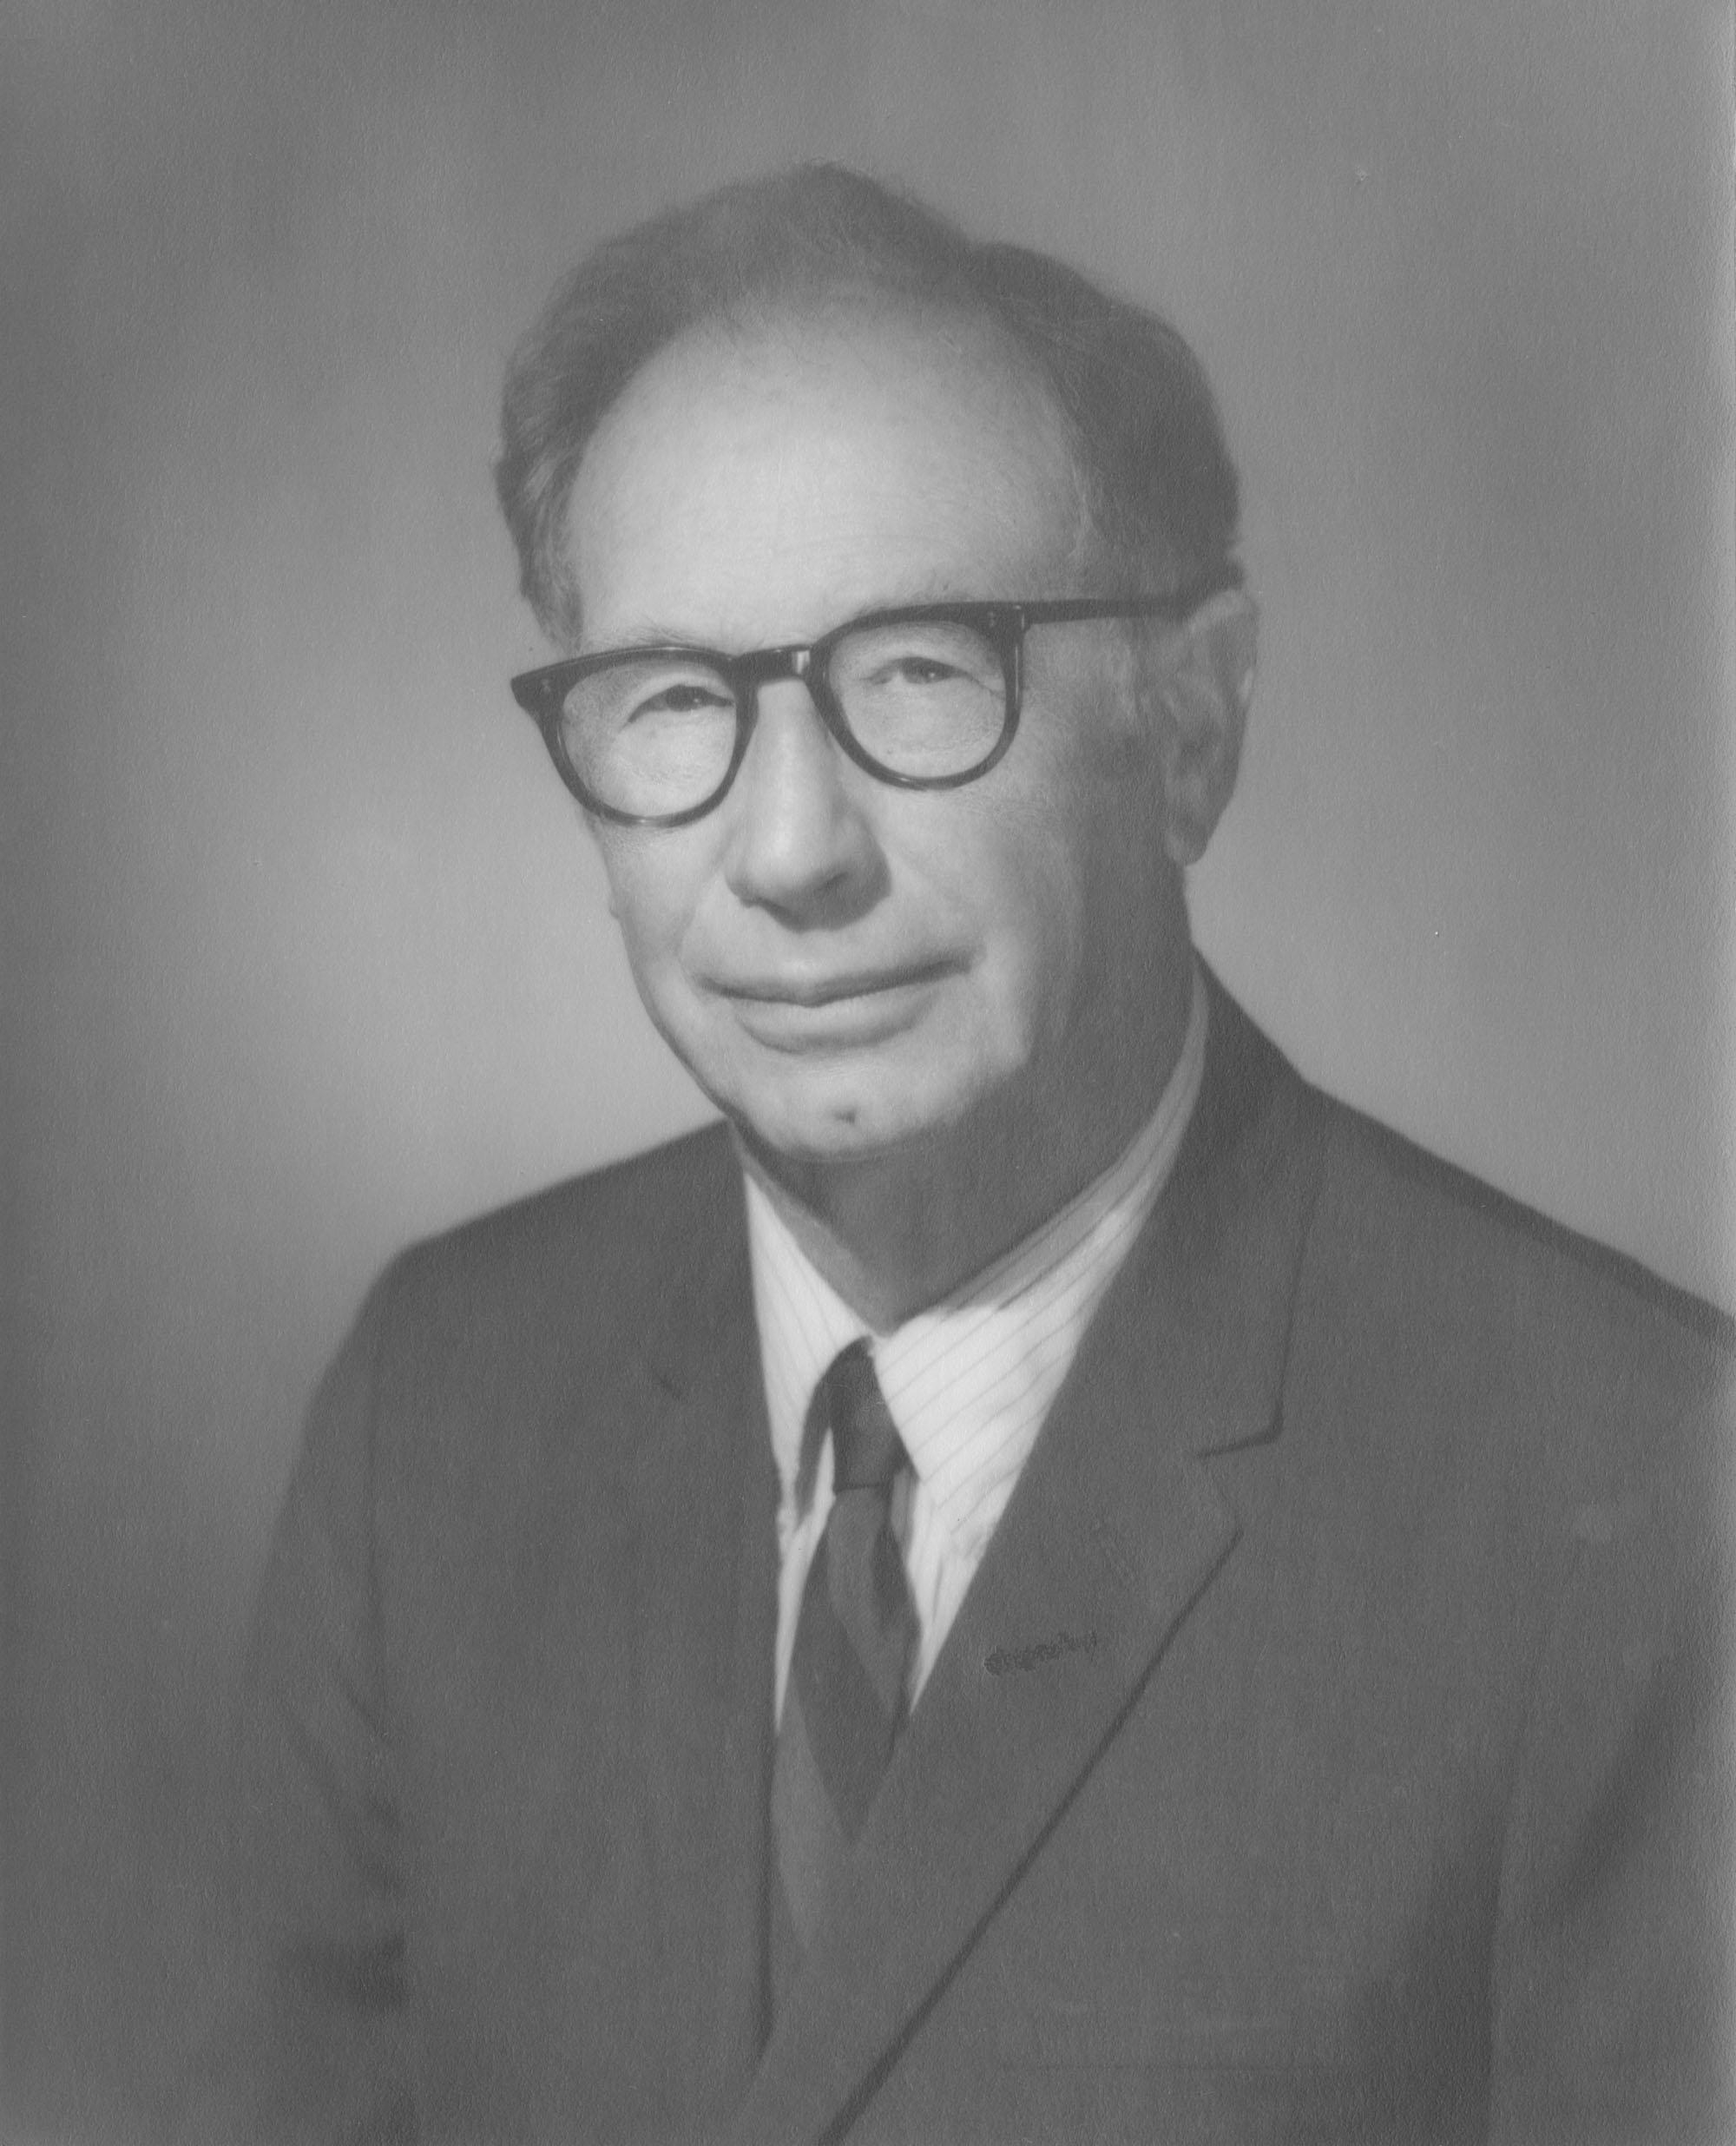 C. Norwood Hastie